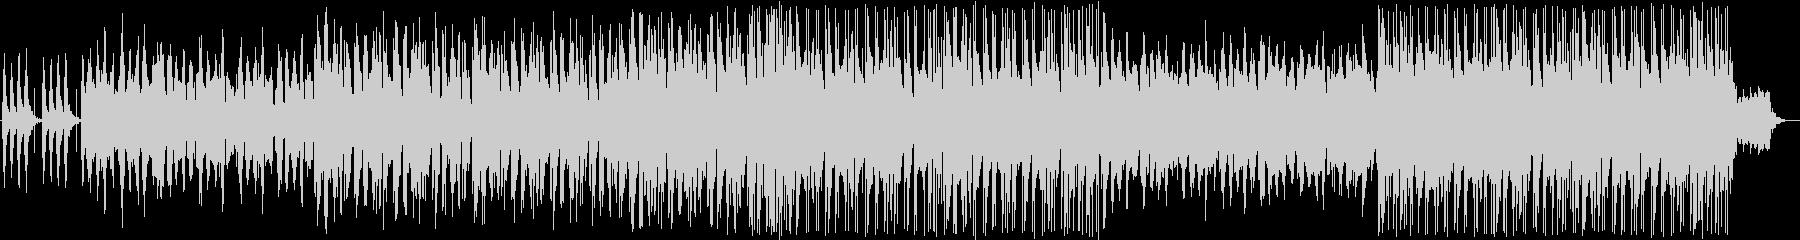 ギターの入ったエレクトロサウンドの未再生の波形